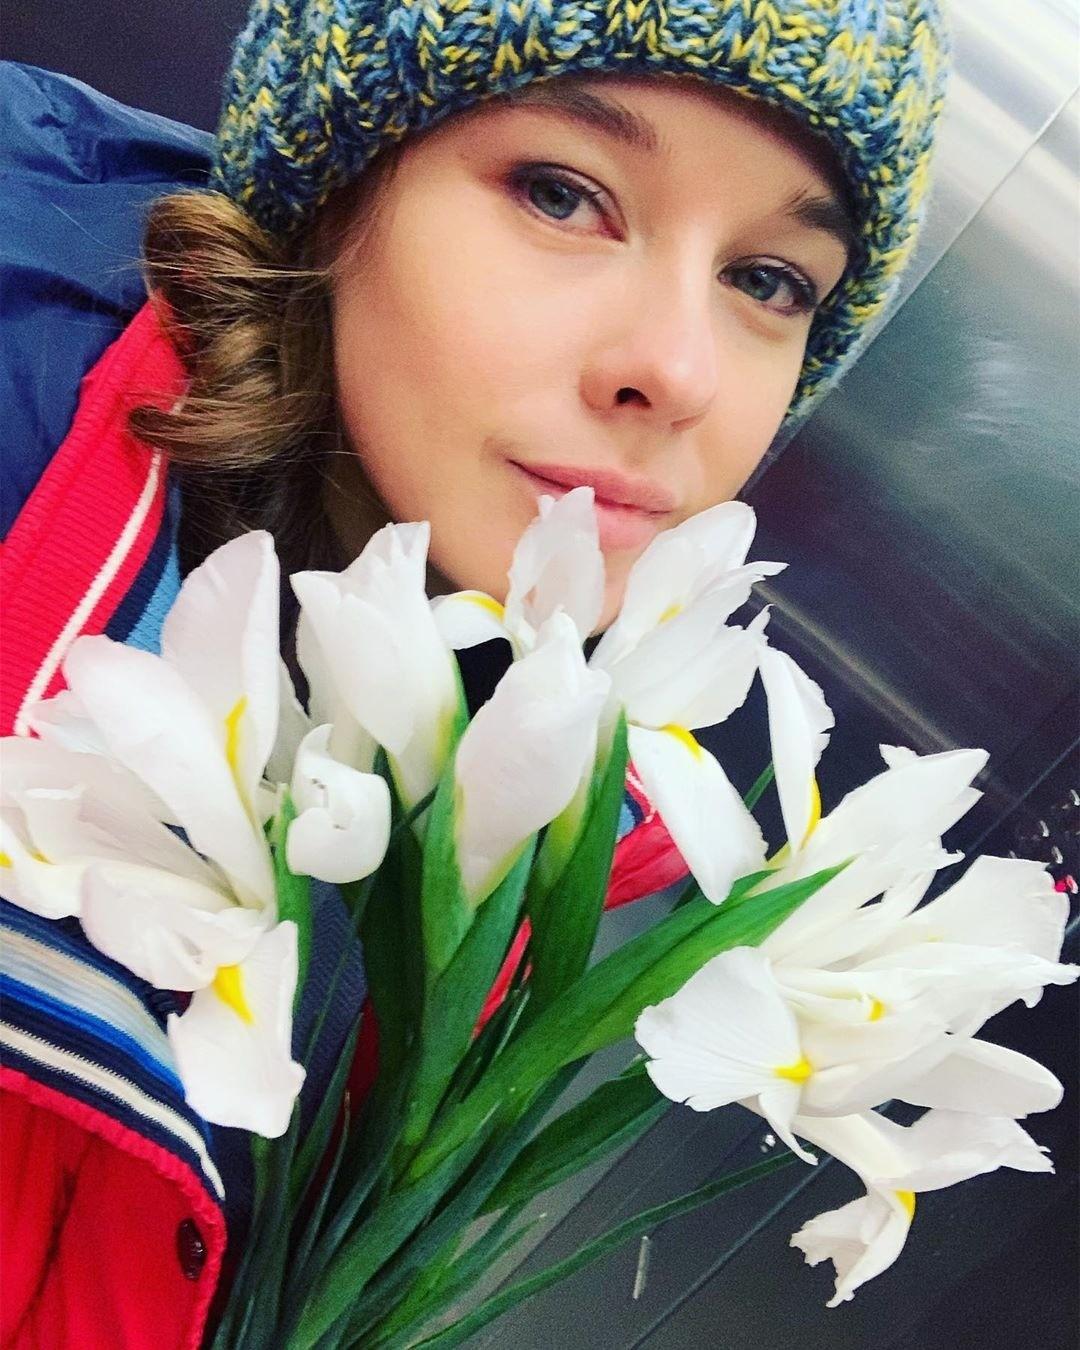 «Испытывала очень мощное чувство влюбленности»: Екатерина Шпица рассказала о своей первой любви